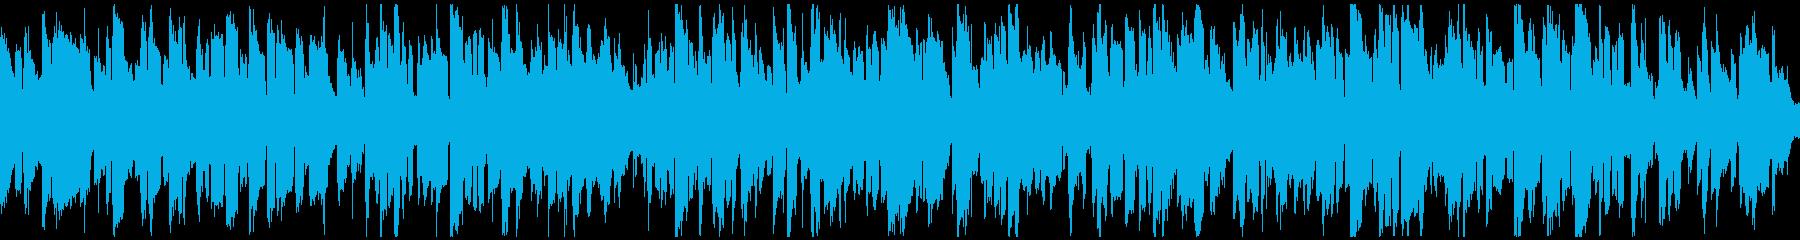 珍しいリコーダーのジャズ ※ループ仕様版の再生済みの波形